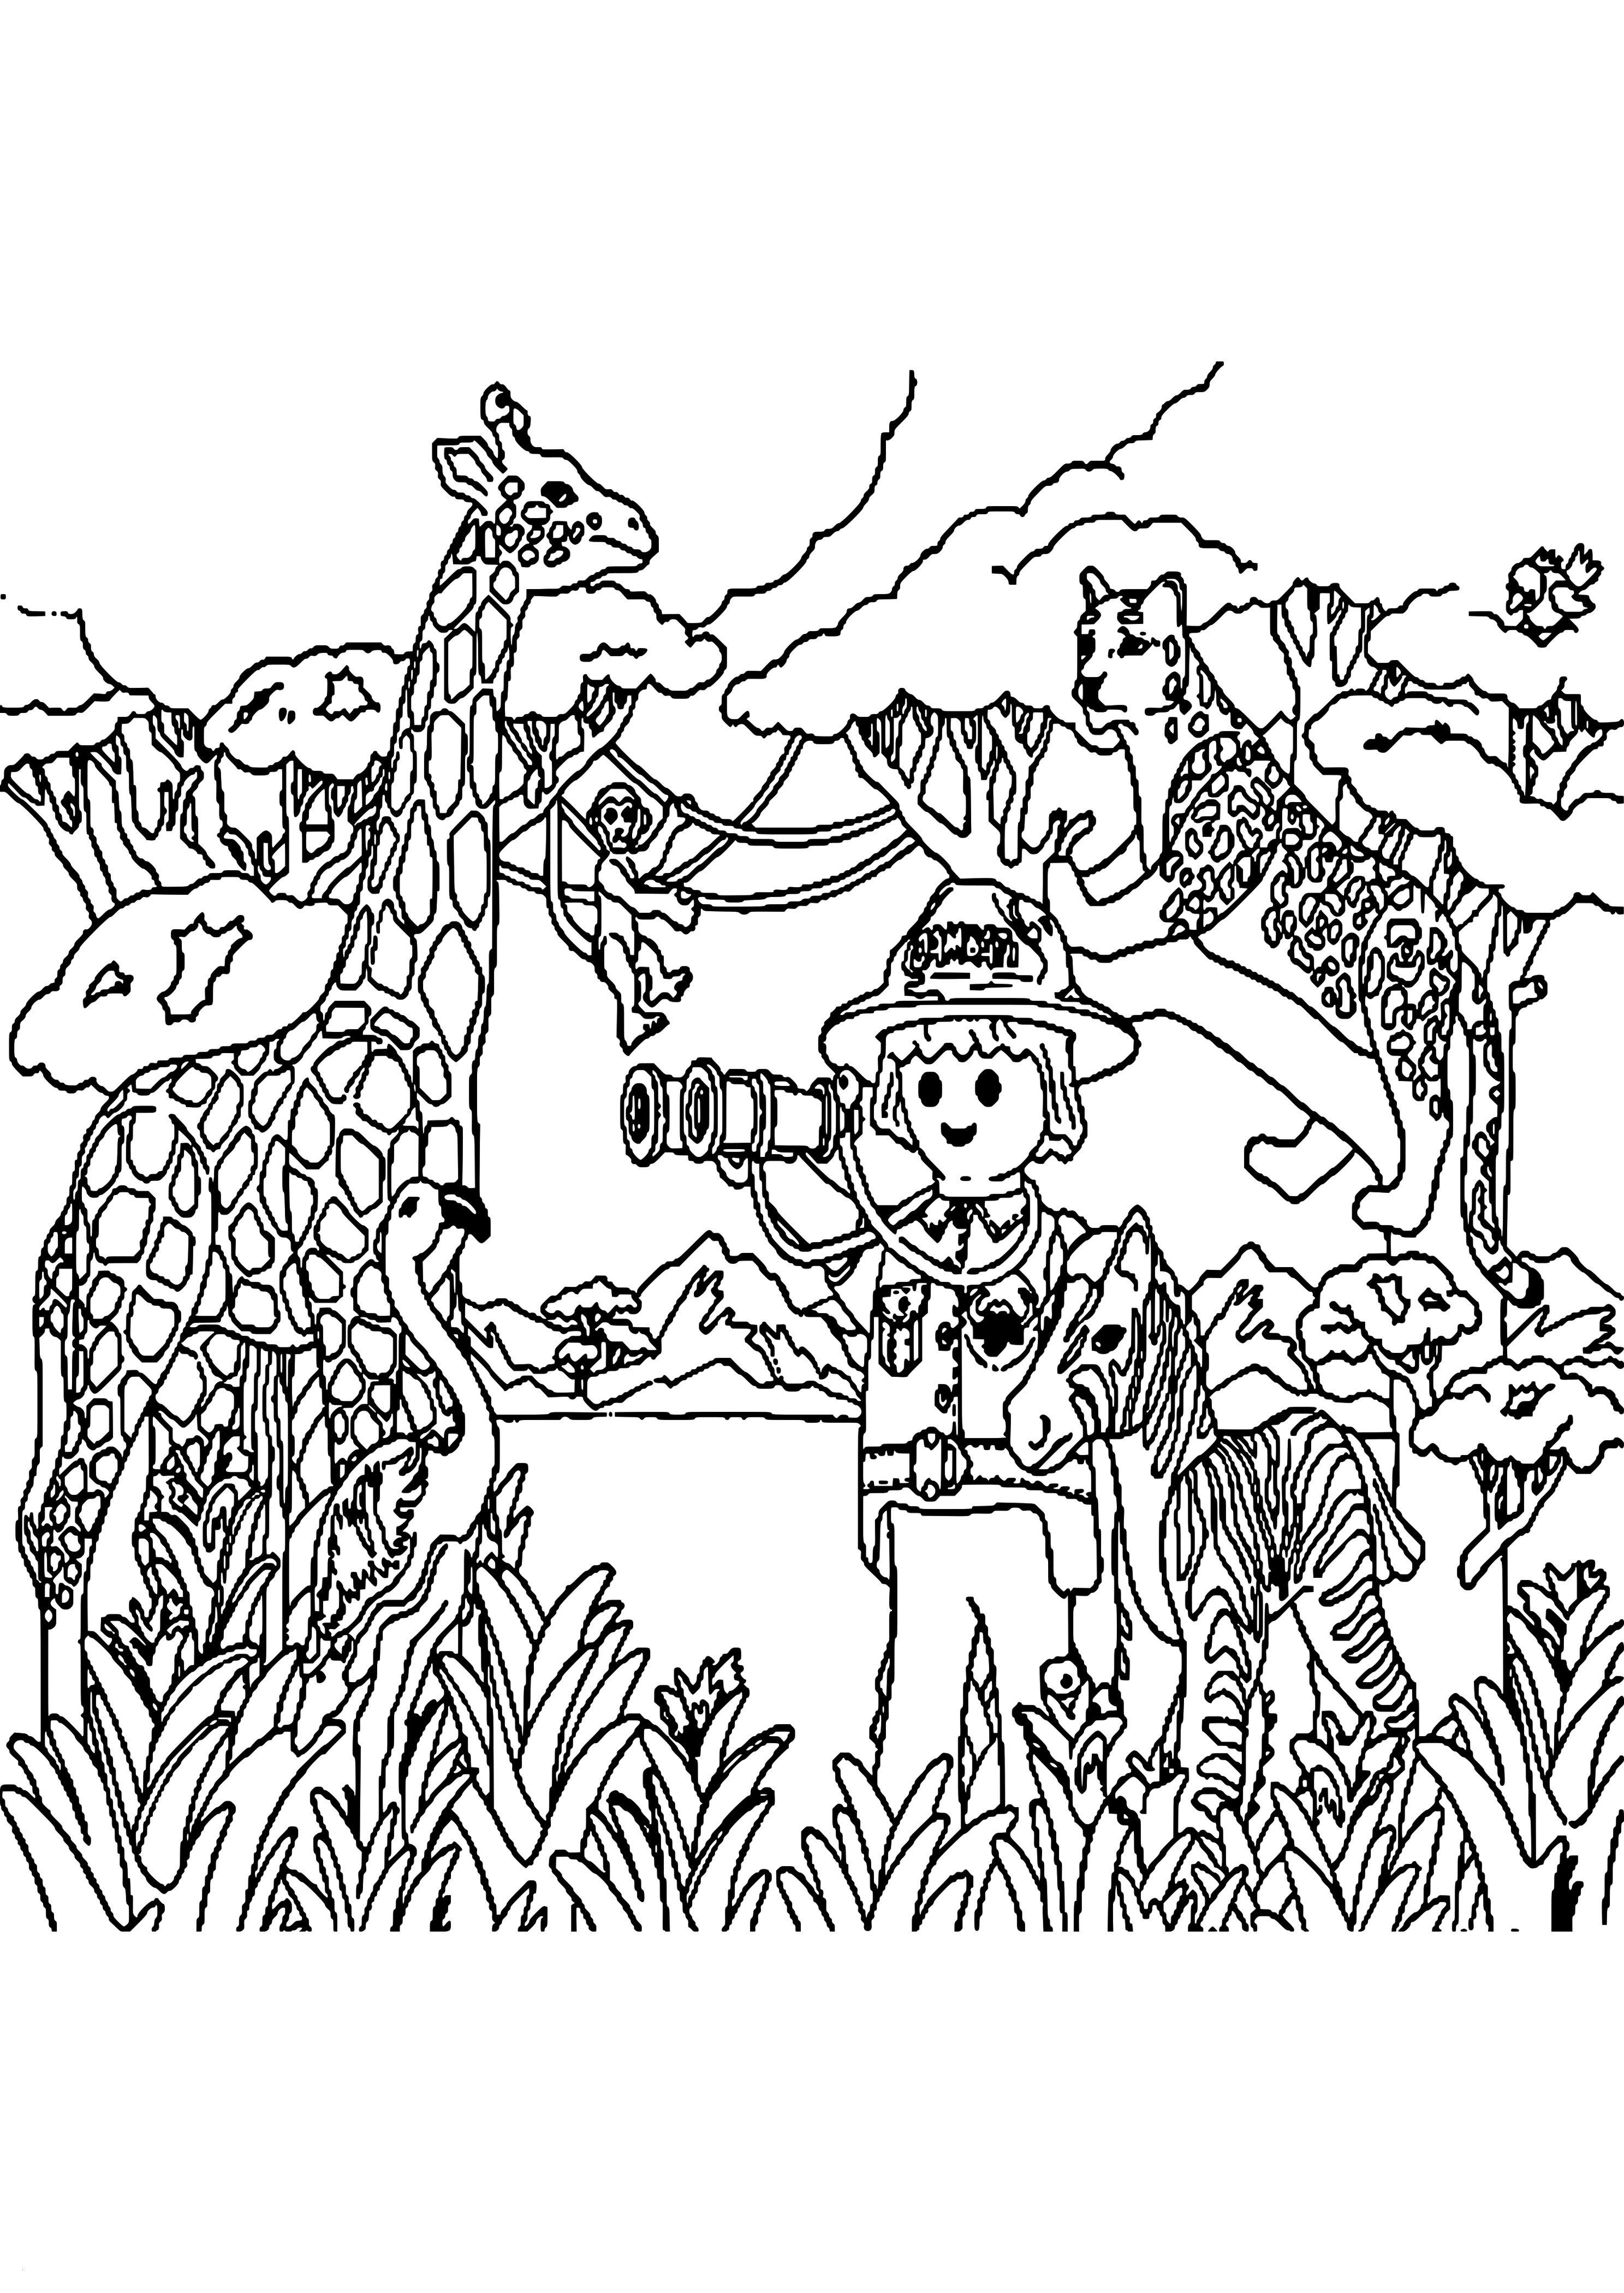 Hexen Bilder Zum Ausdrucken Frisch 38 Halloween Ausmalbilder Hexe Scoredatscore Frisch Gruselige Galerie